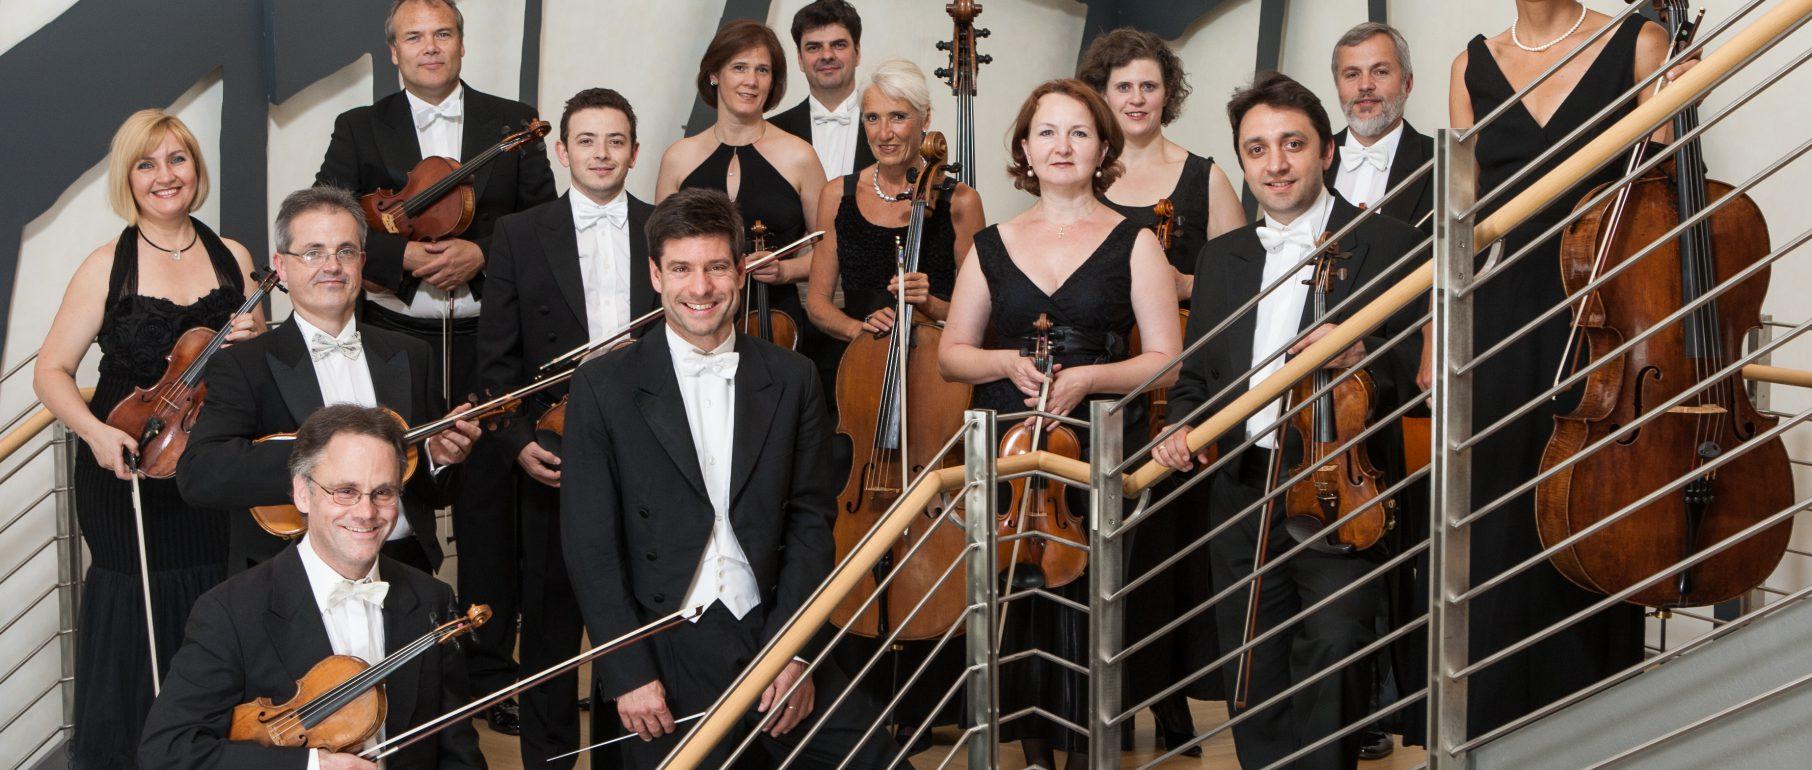 Pressefoto des Südwestdeutschen Kammerorchesters Pforzheim mit Timo Handschuh